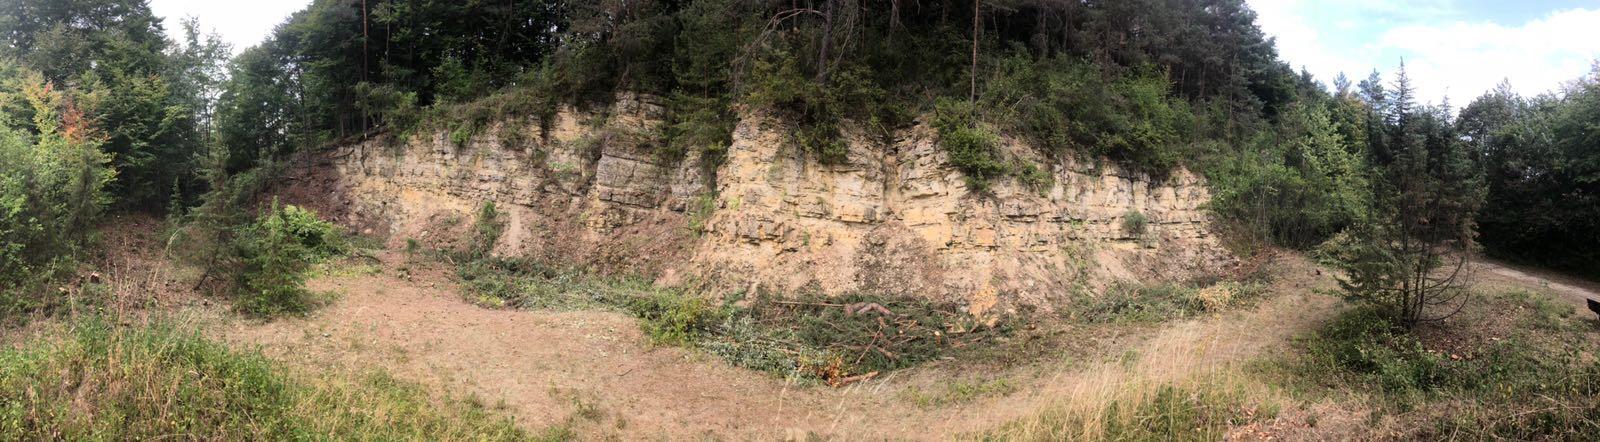 Kalksteinbruch komplett enttarnt